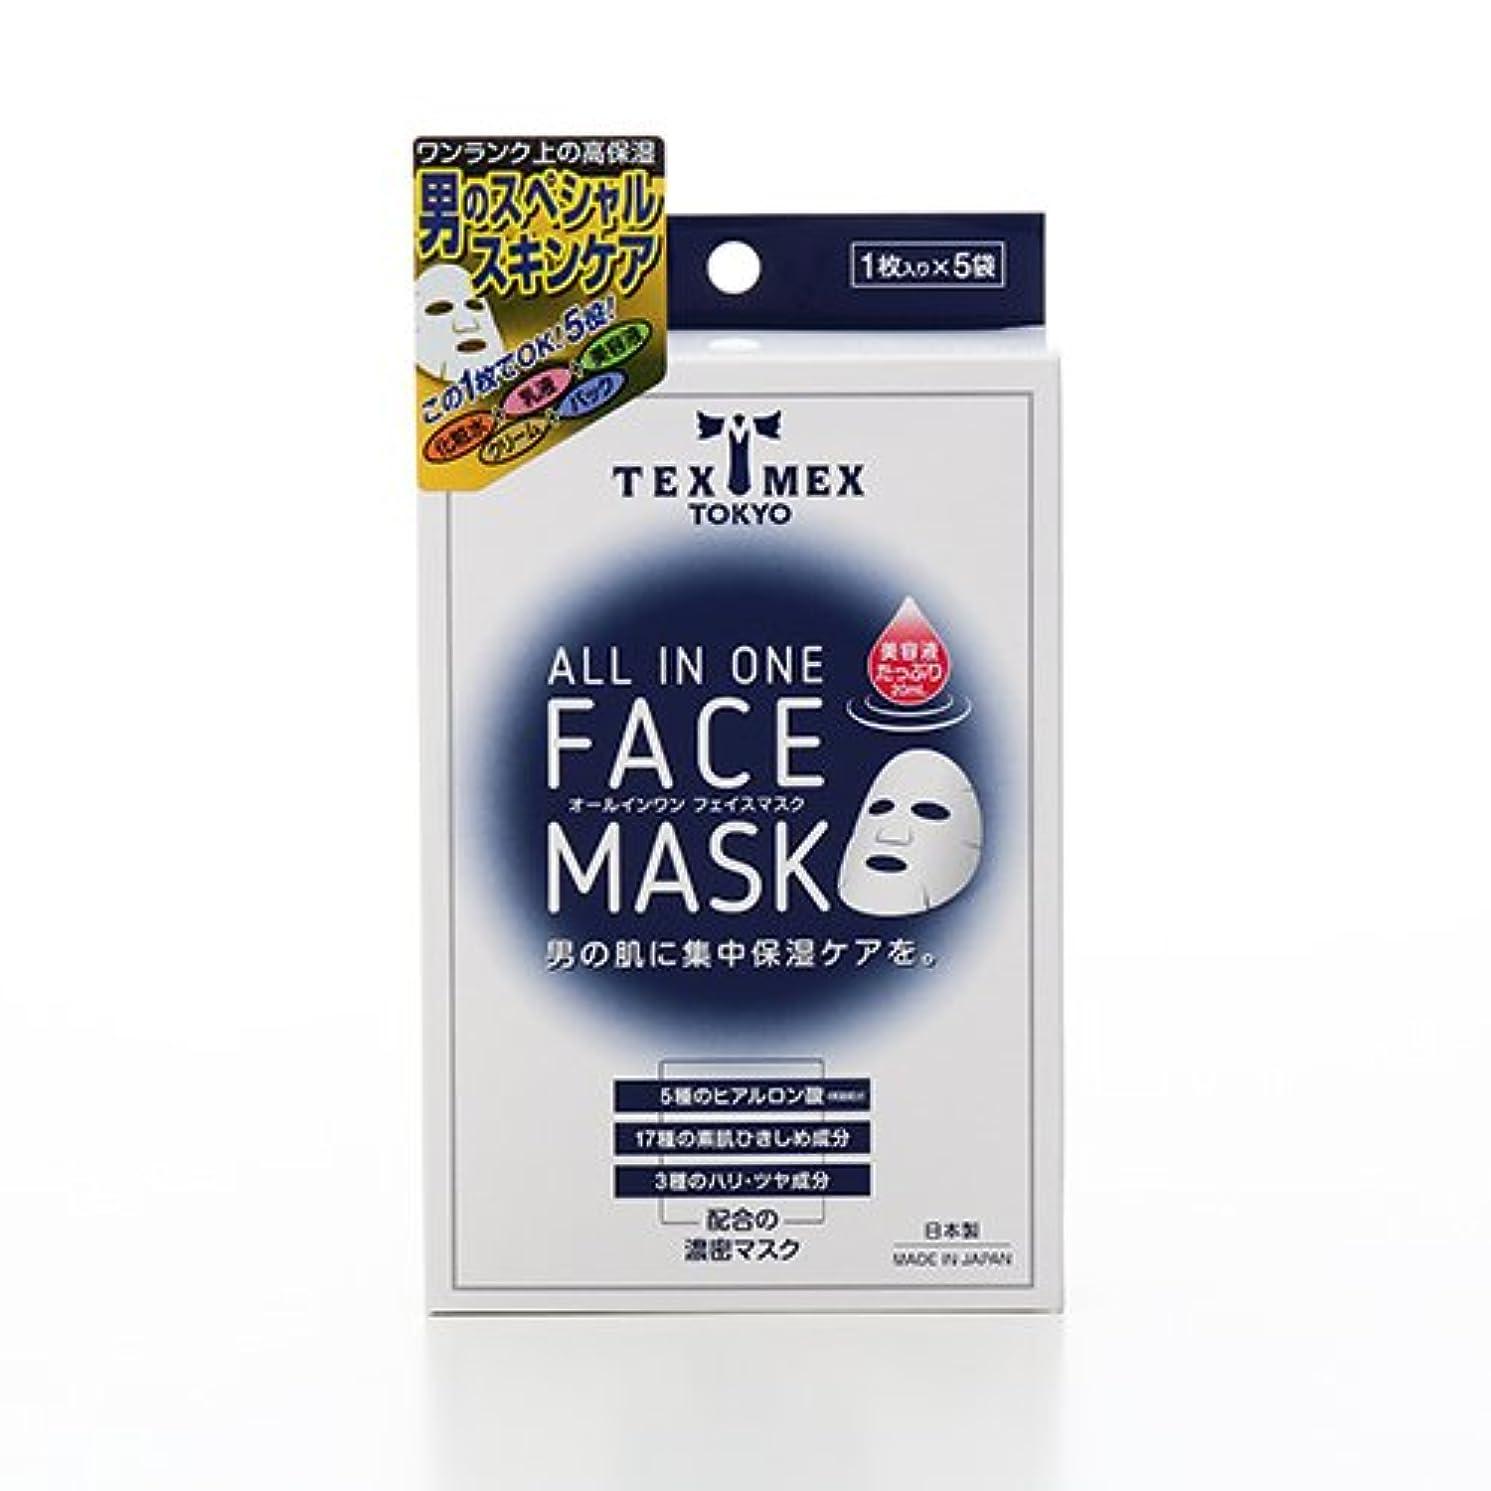 きゅうり起きる祝福するテックスメックス オールインワンフェイスマスク 5袋入り 【シート状美容マスク】